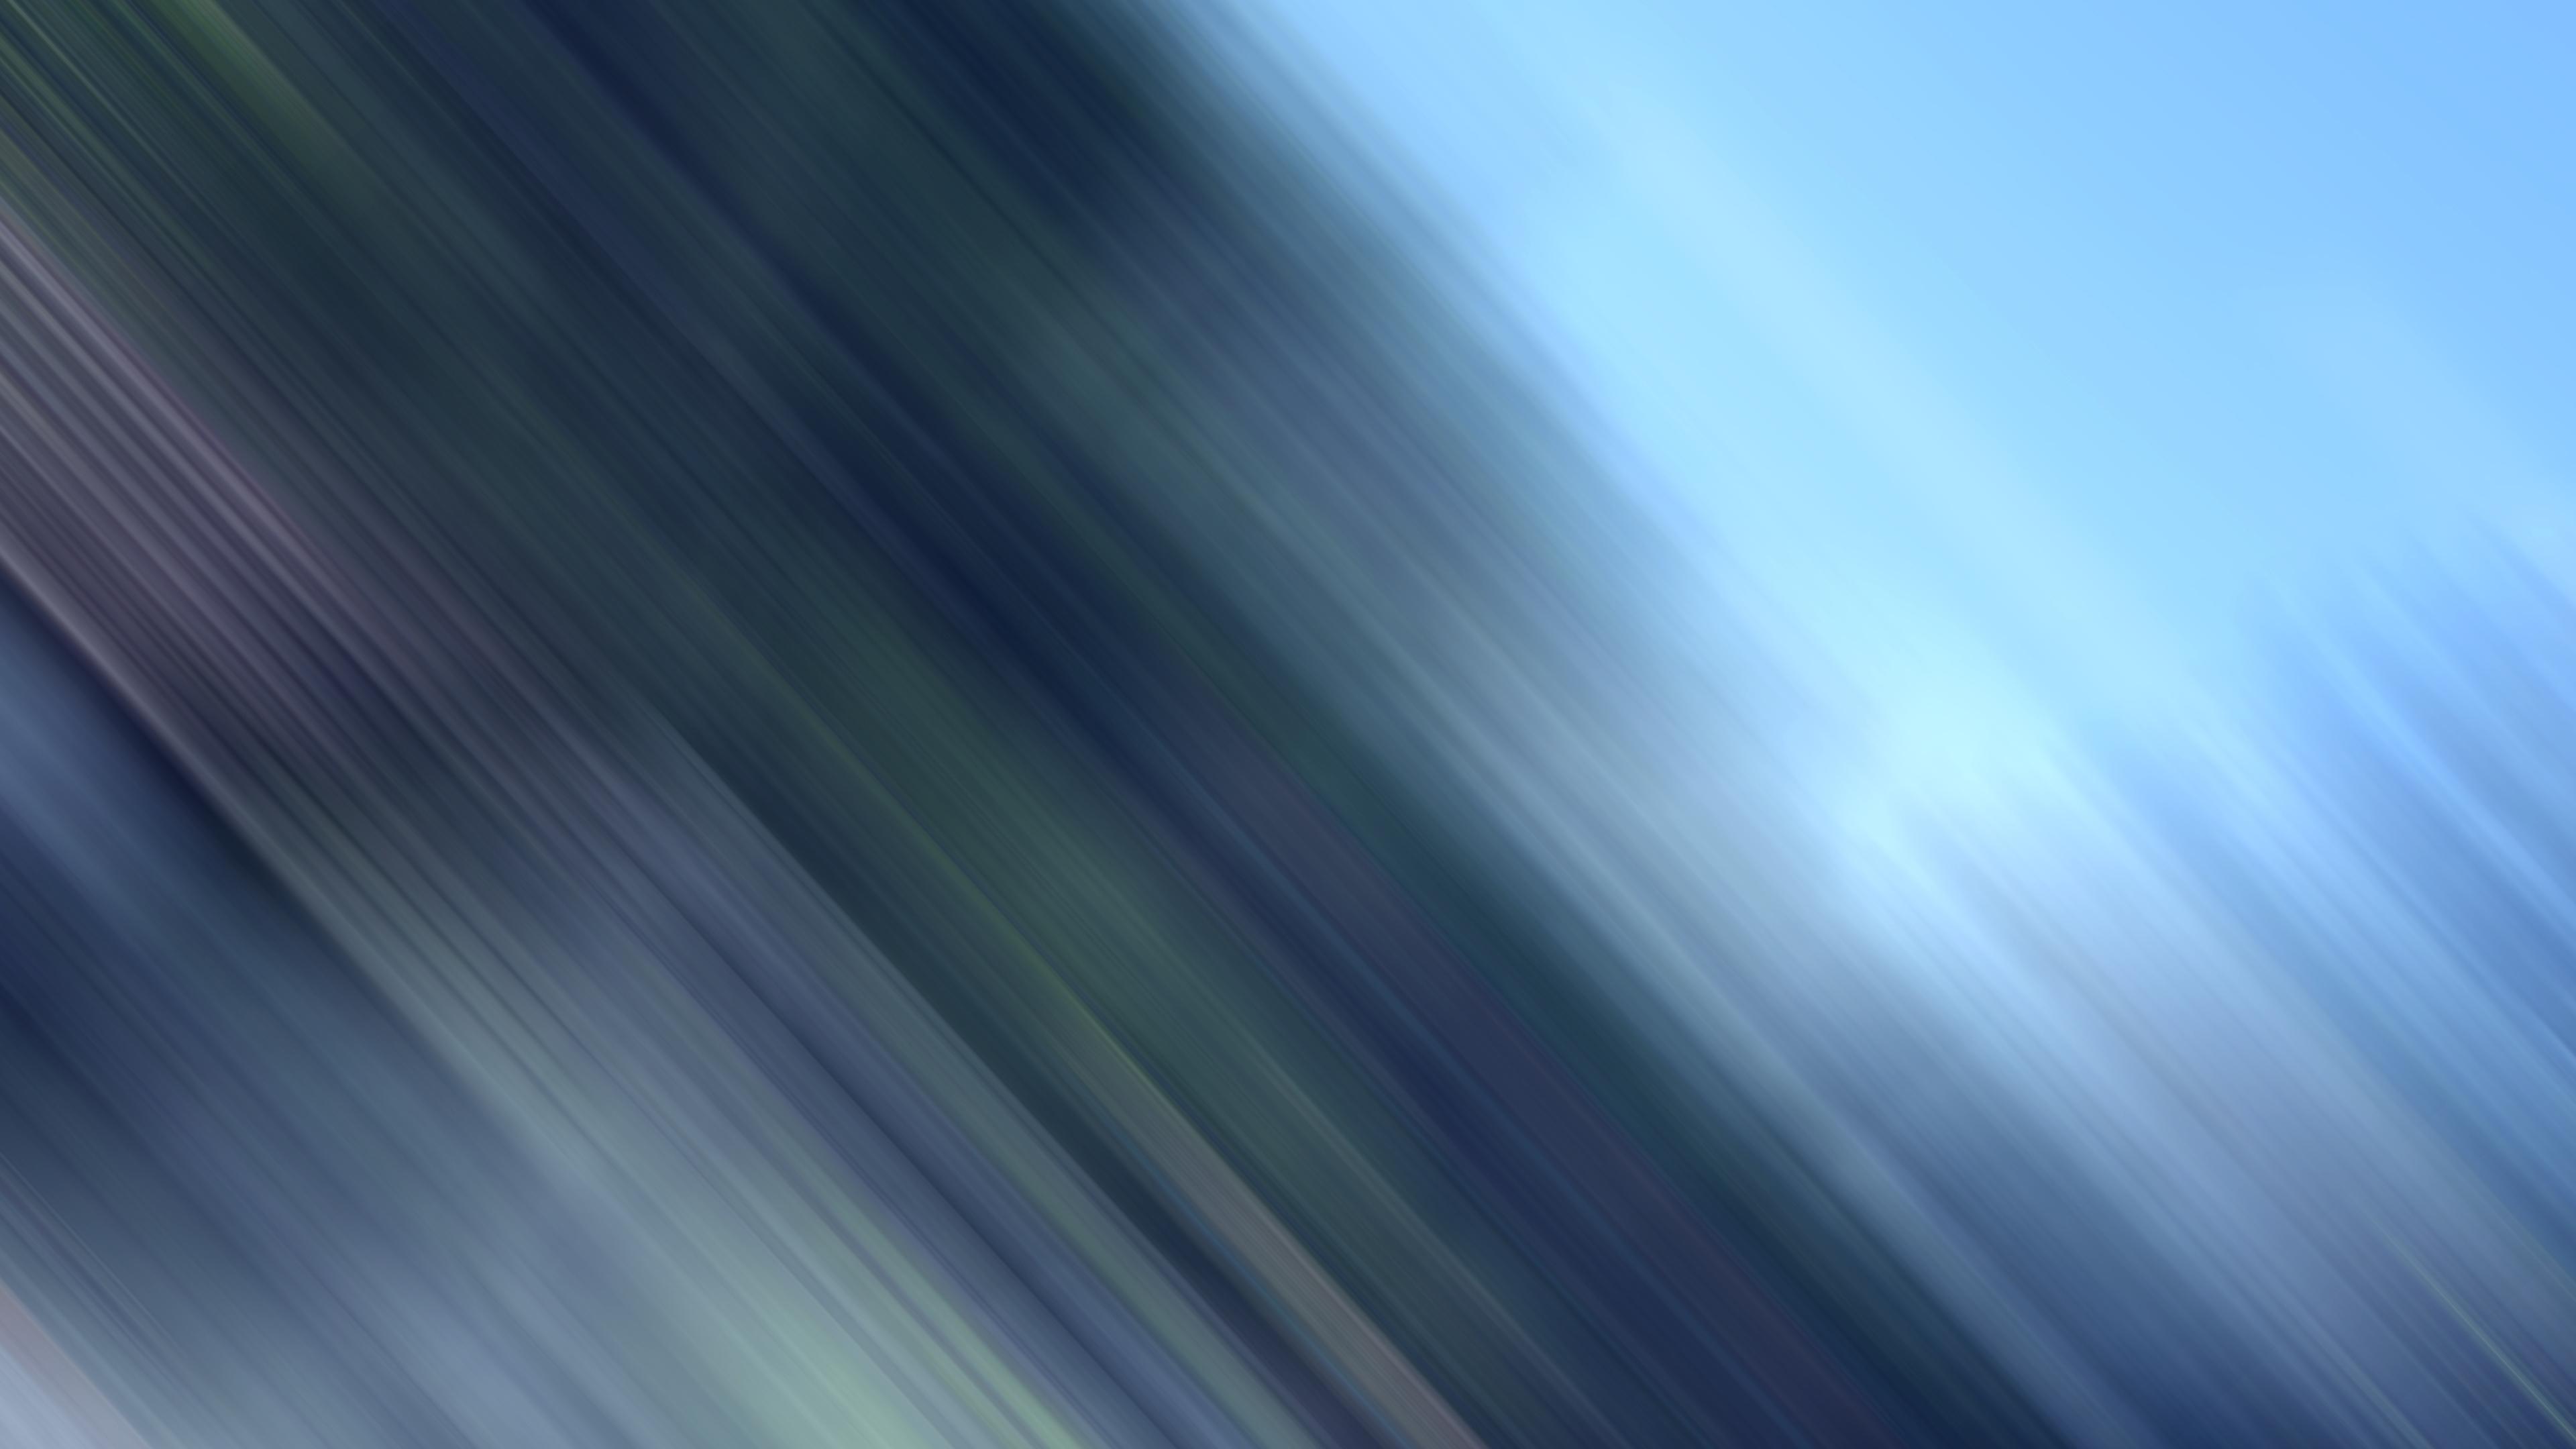 abstract digital motion 4k 1553075316 - Abstract Digital Motion 4k - hd-wallpapers, digital art wallpapers, deviantart wallpapers, abstract wallpapers, 5k wallpapers, 4k-wallpapers